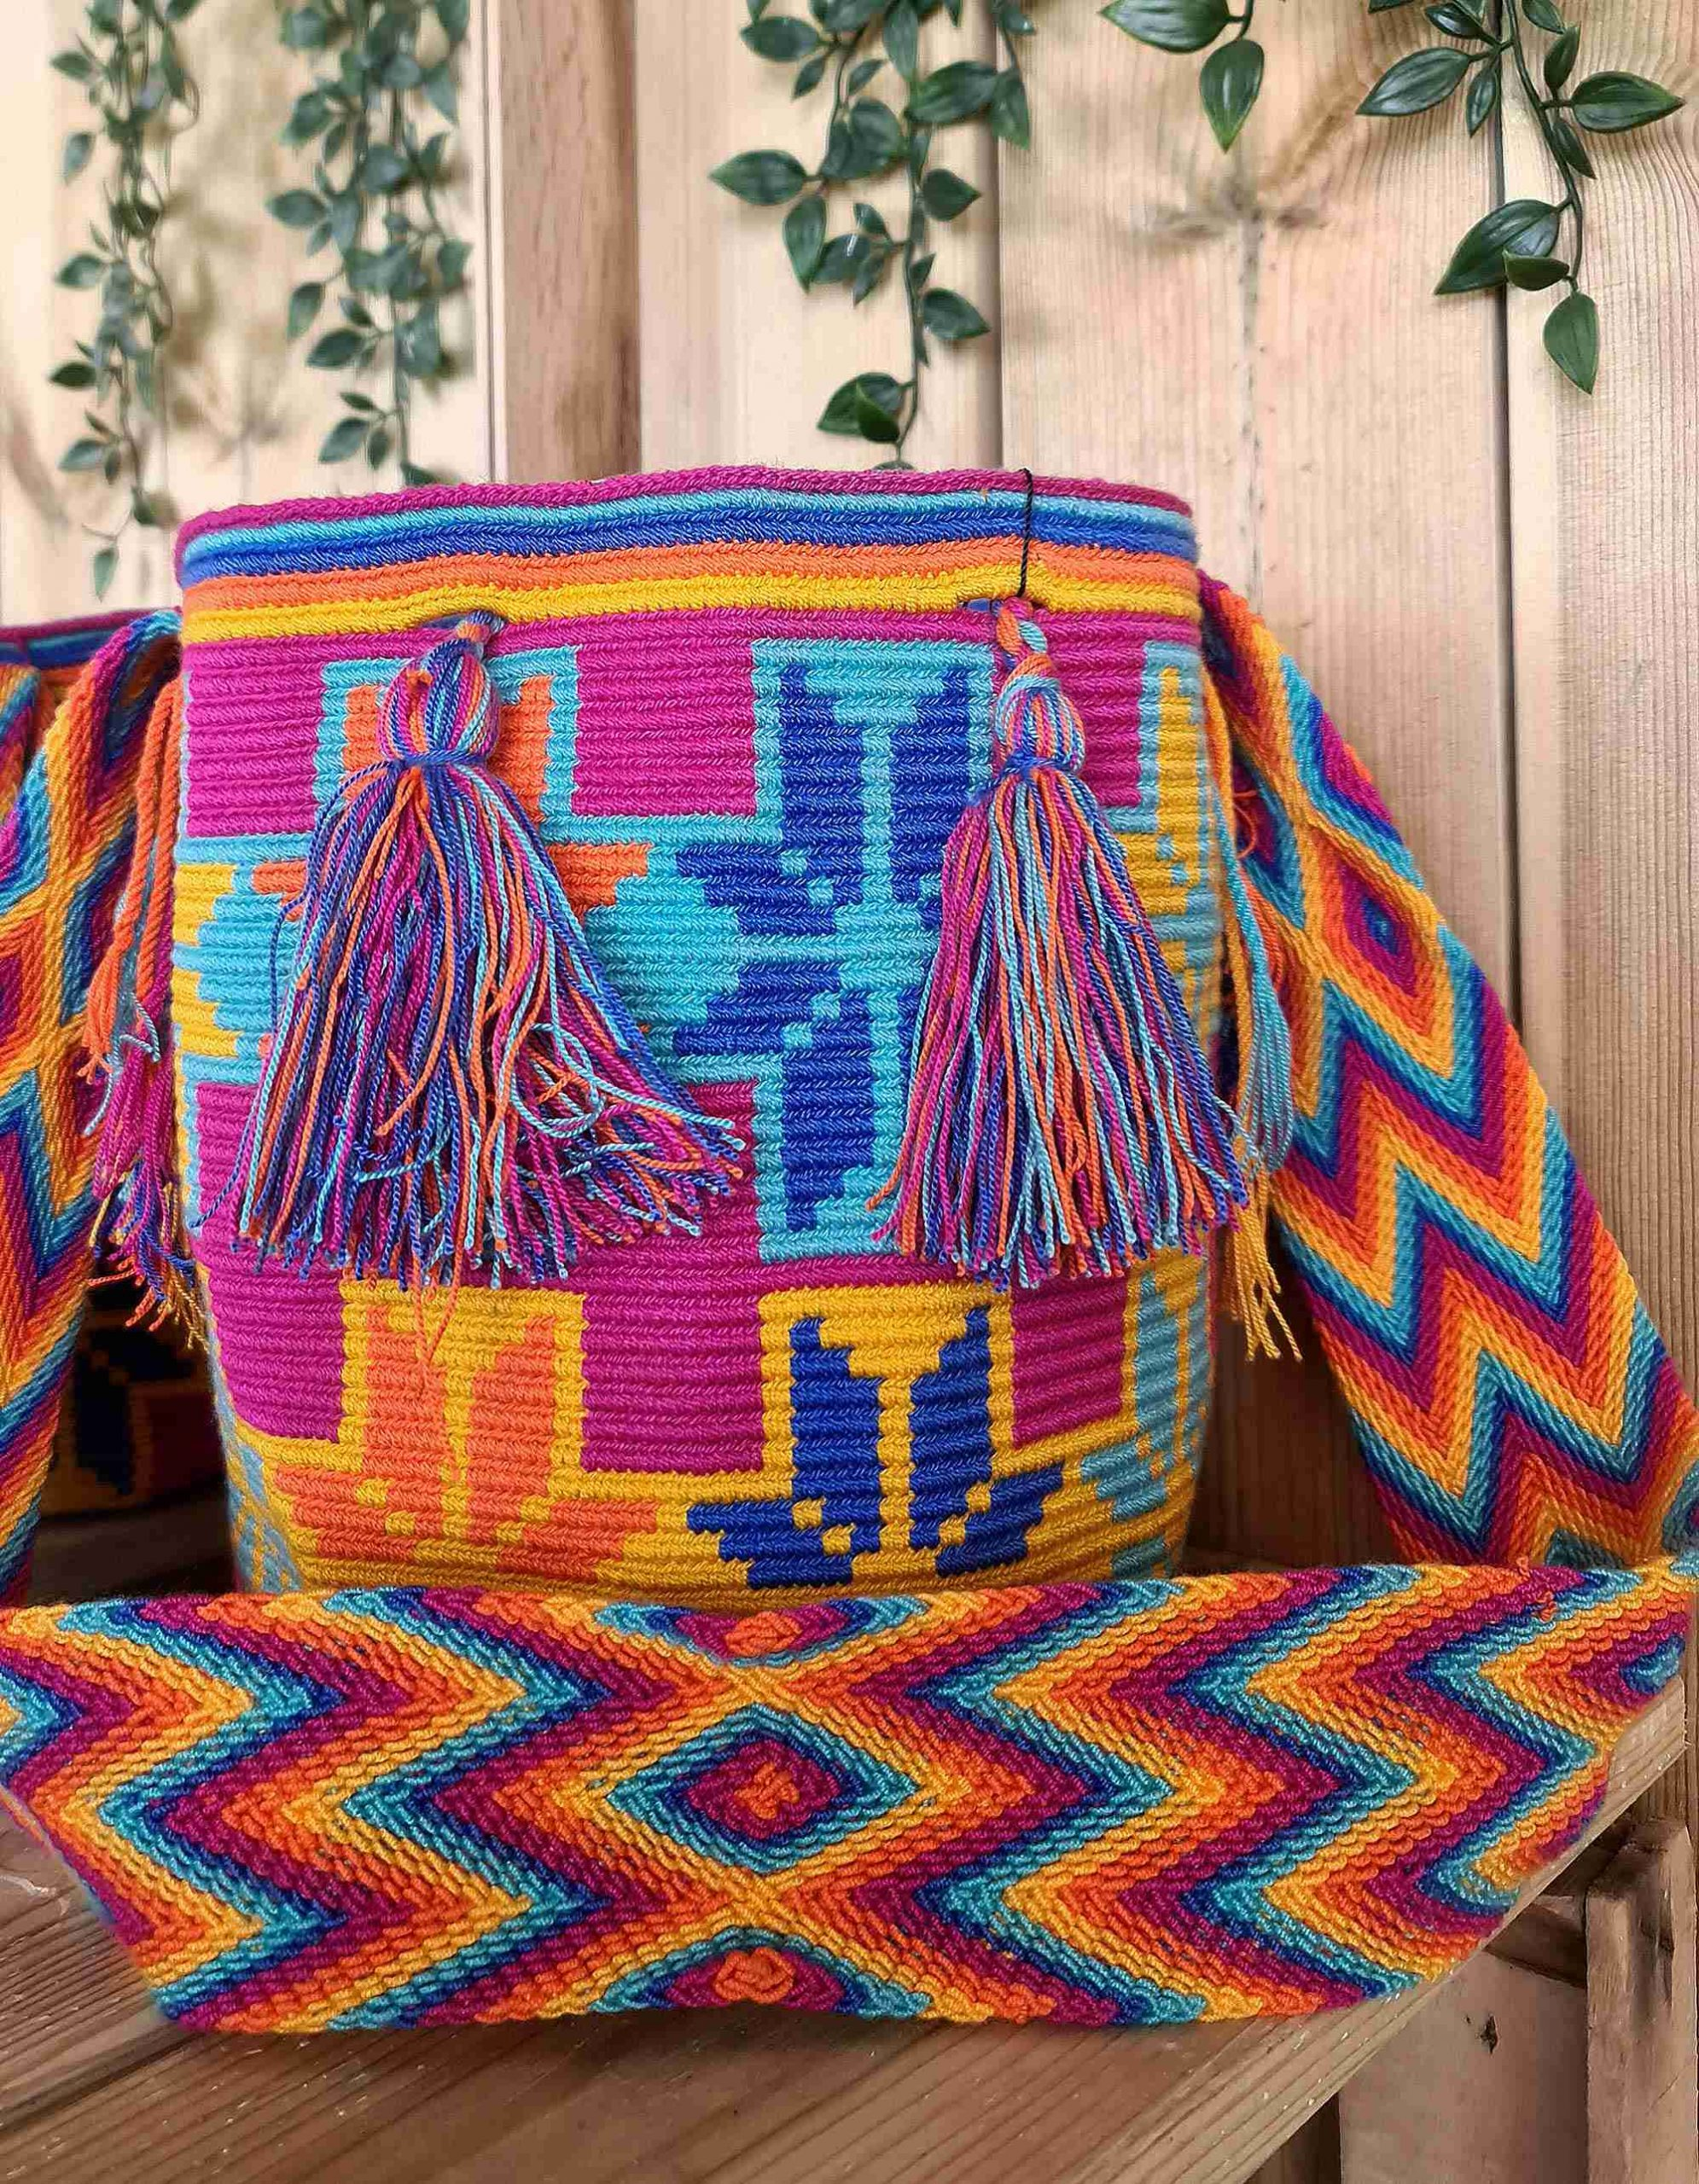 Bolso Wayuu Original Auténtico (sólo 1 igual) con motivos tribales color rosa oscuro, azul, mostaza y naranja